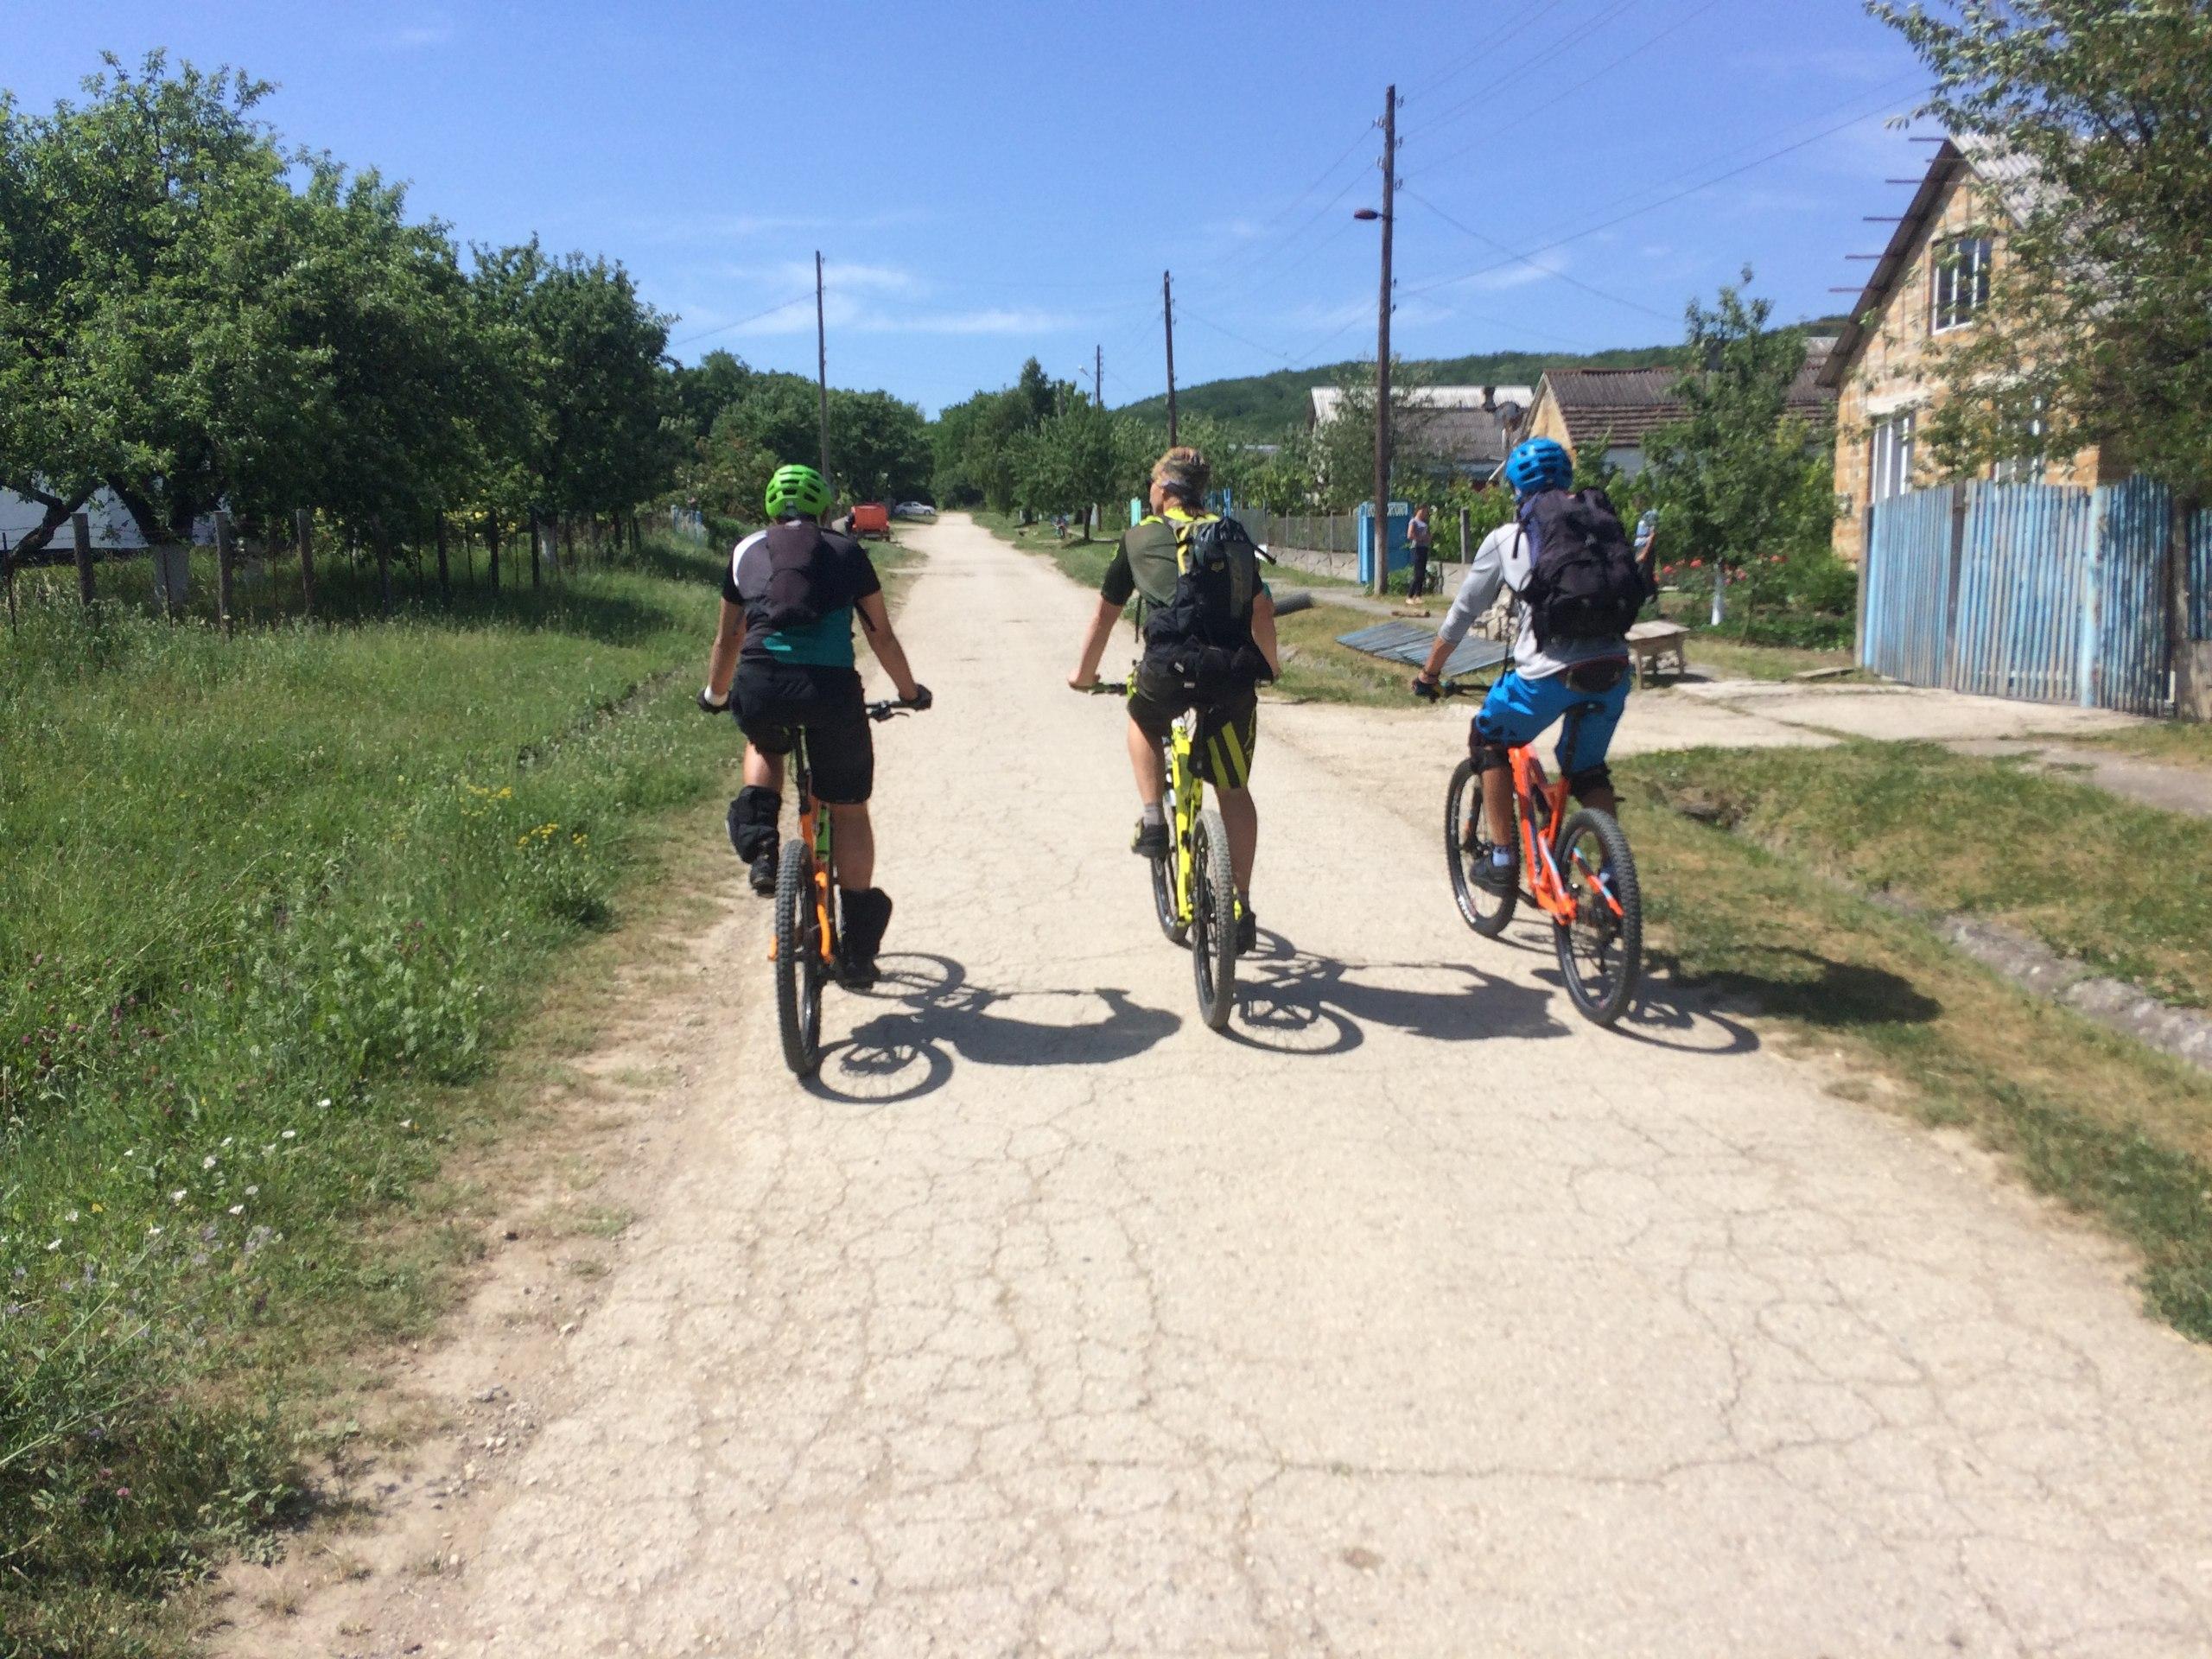 Блог компании Триал-Спорт: GT: Крымские хроники. Второй сезон. Часть первая – За новым в Новый Свет